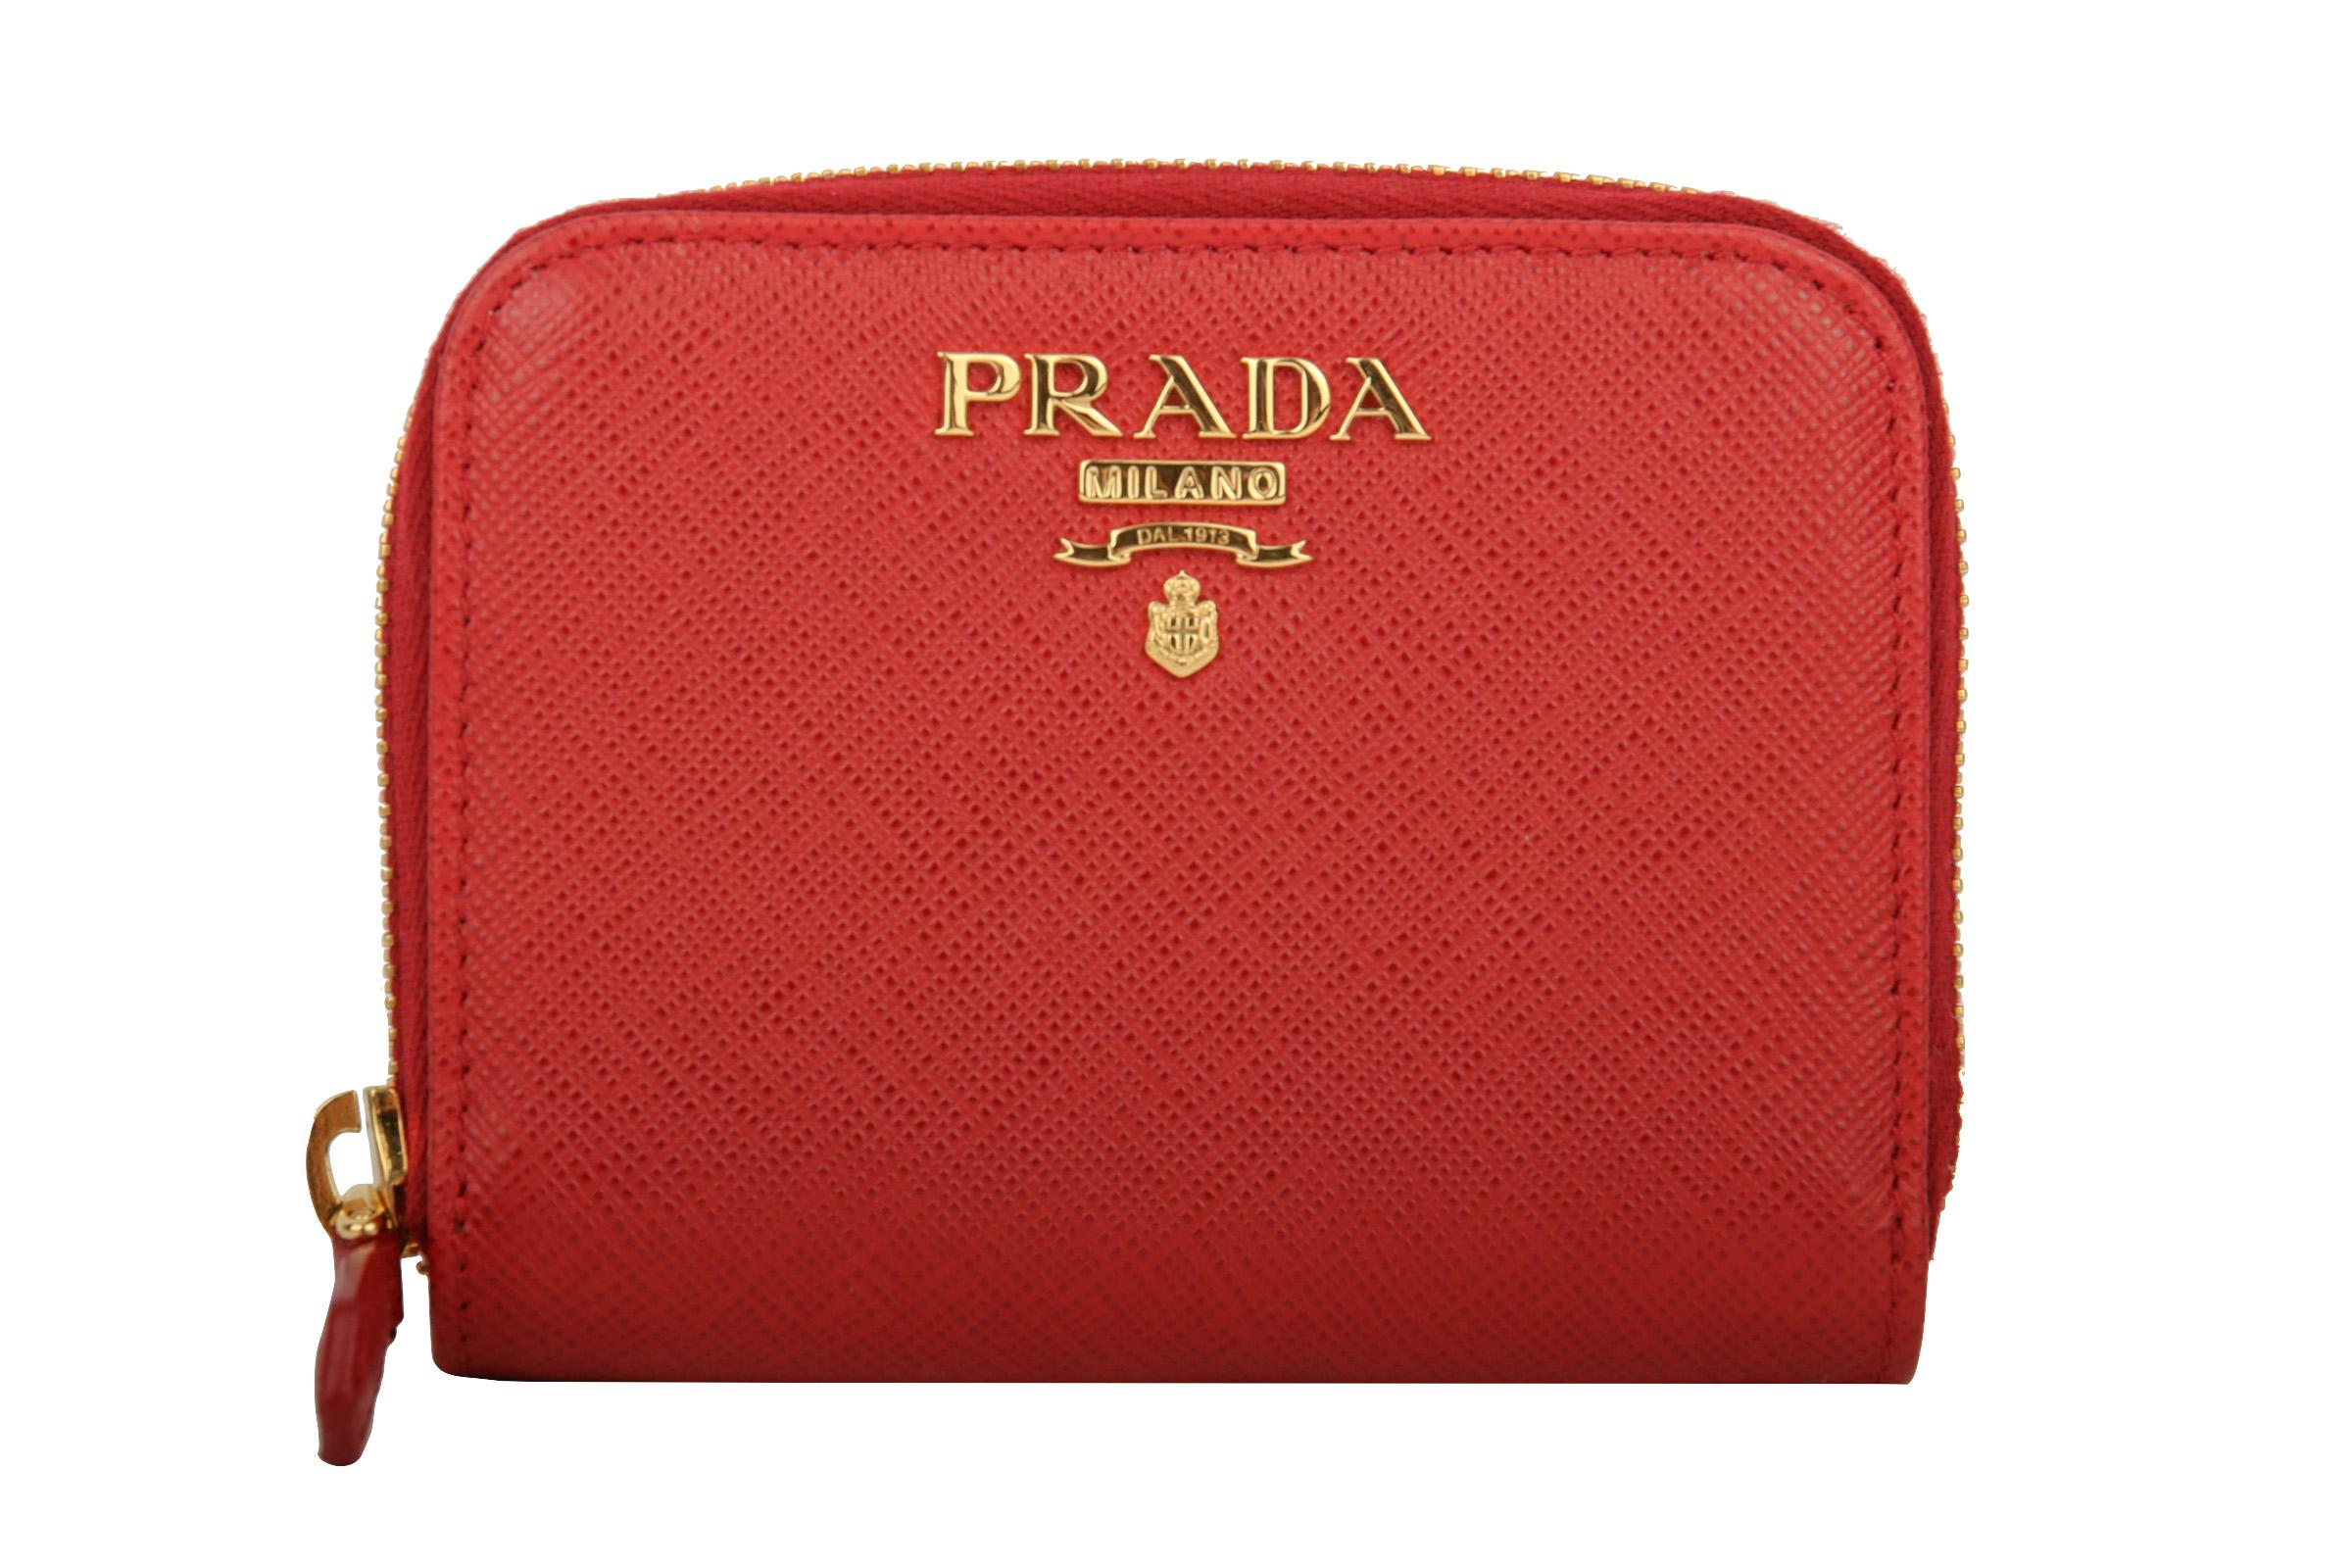 327f021e83e7f Prada Mini Portemonnaie Saffiano Leder Rot